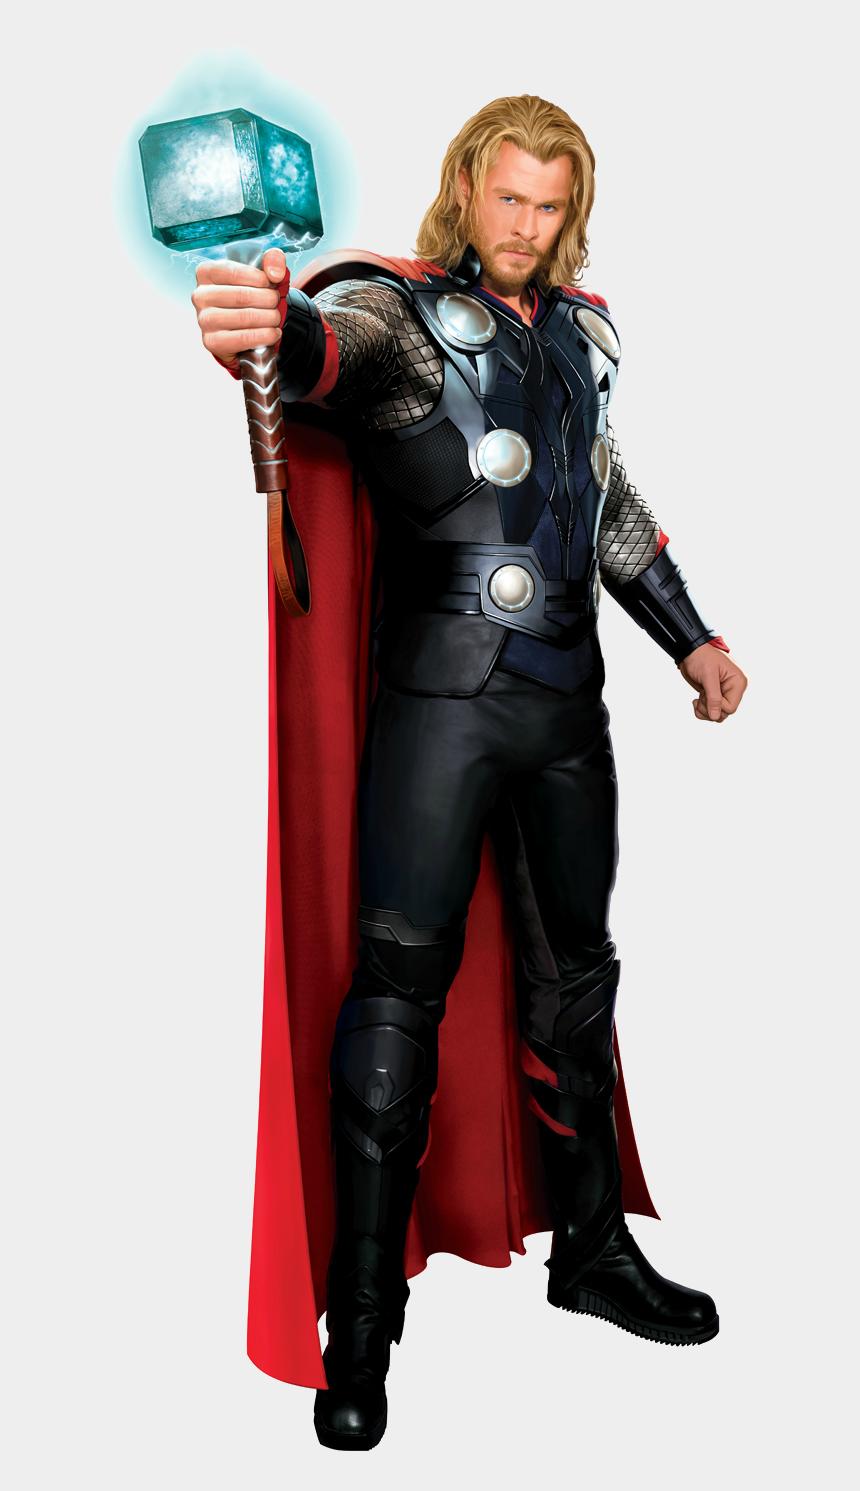 thor clipart, Cartoons - Thor Movie